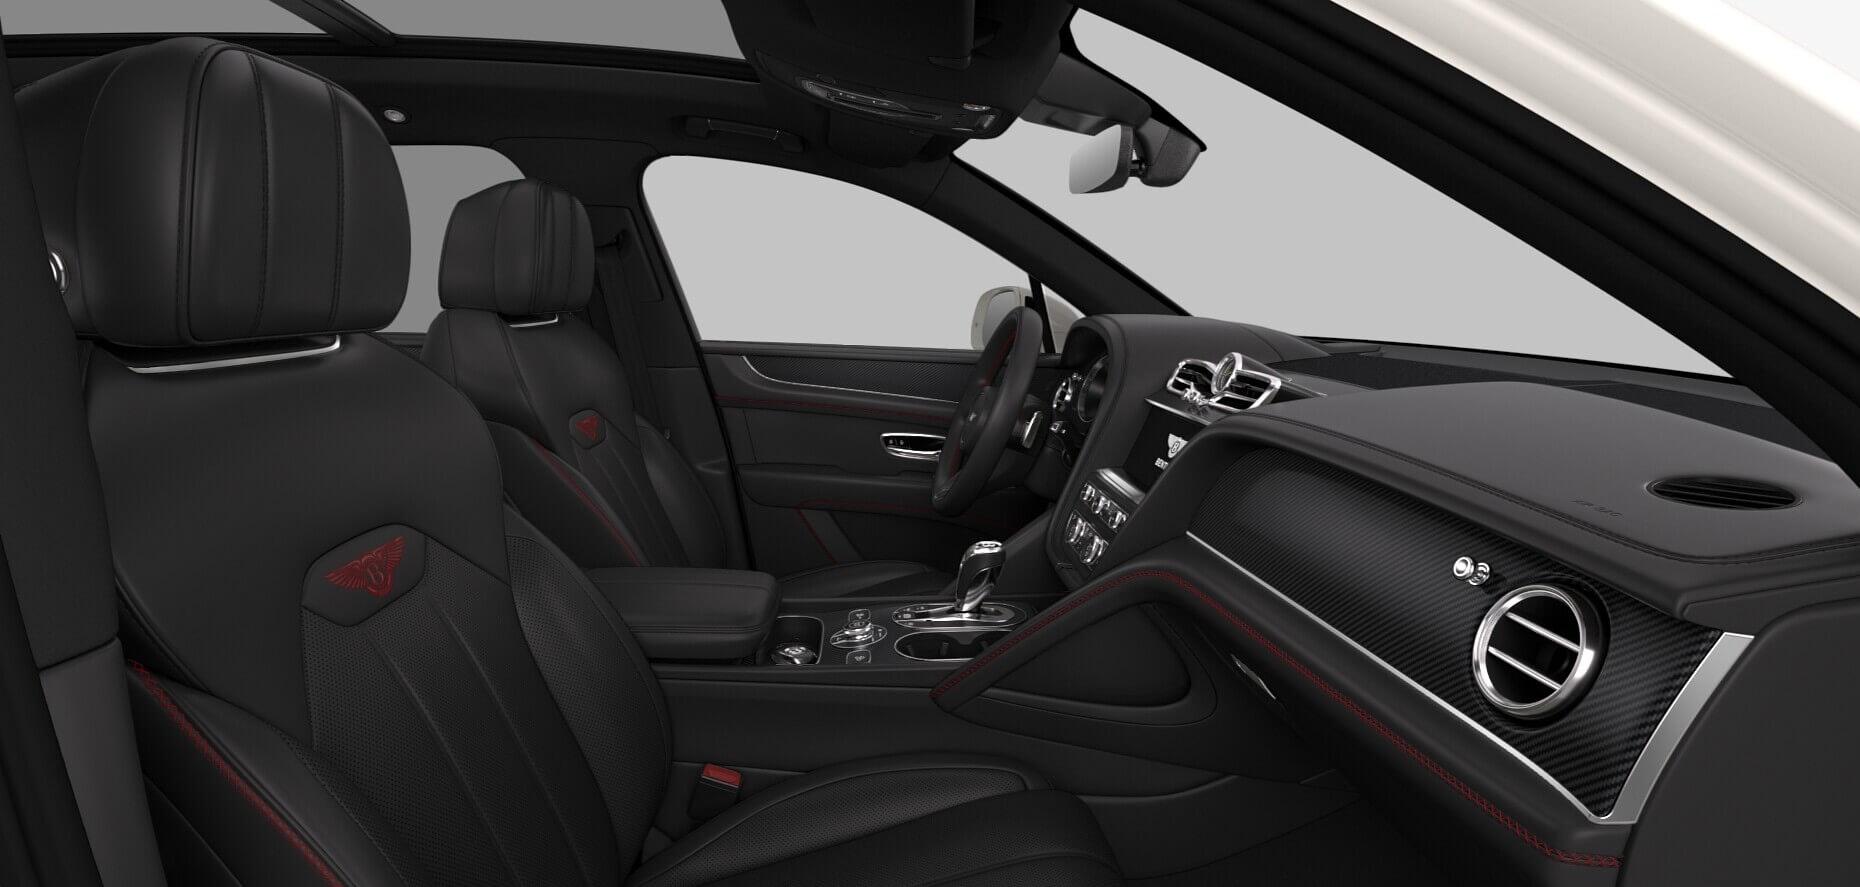 2021 Bentley Bentayga Sport Utility